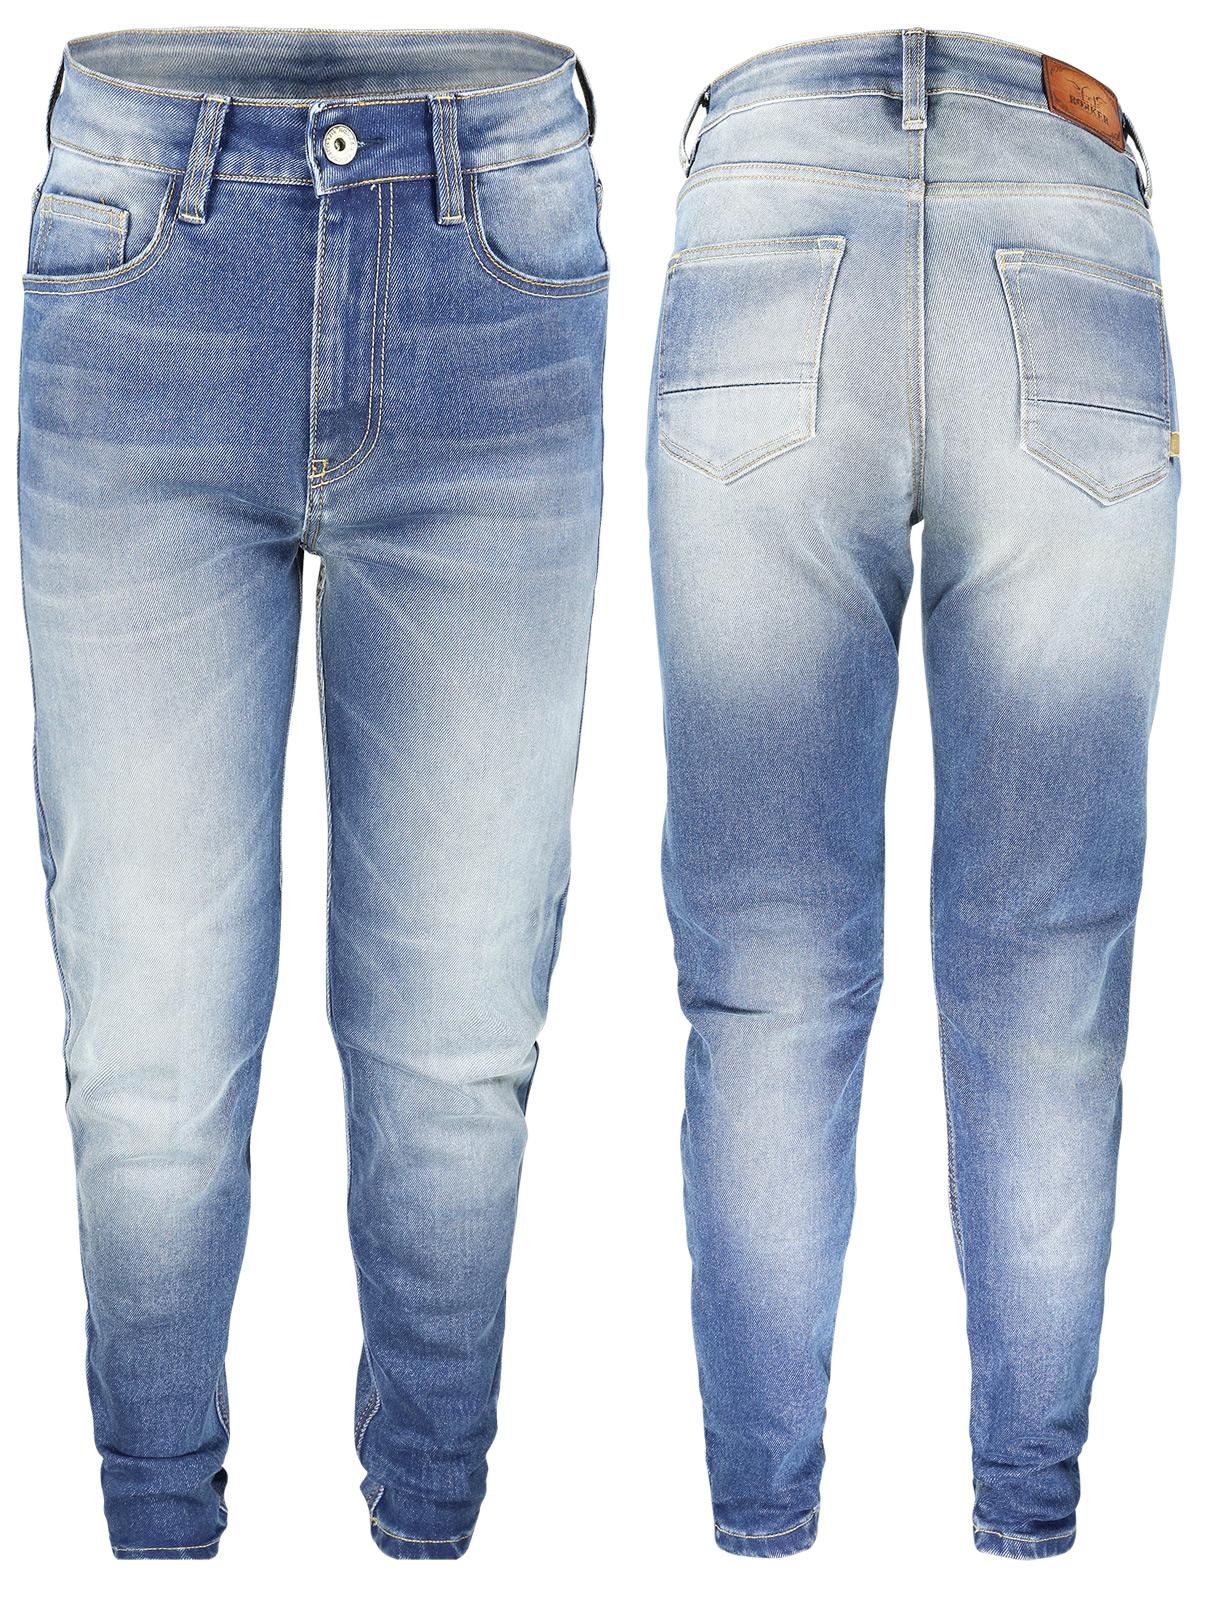 637677d9fa098 ... Rokker Rokkertech High Waist Damen Jeans - ROK2412 ...